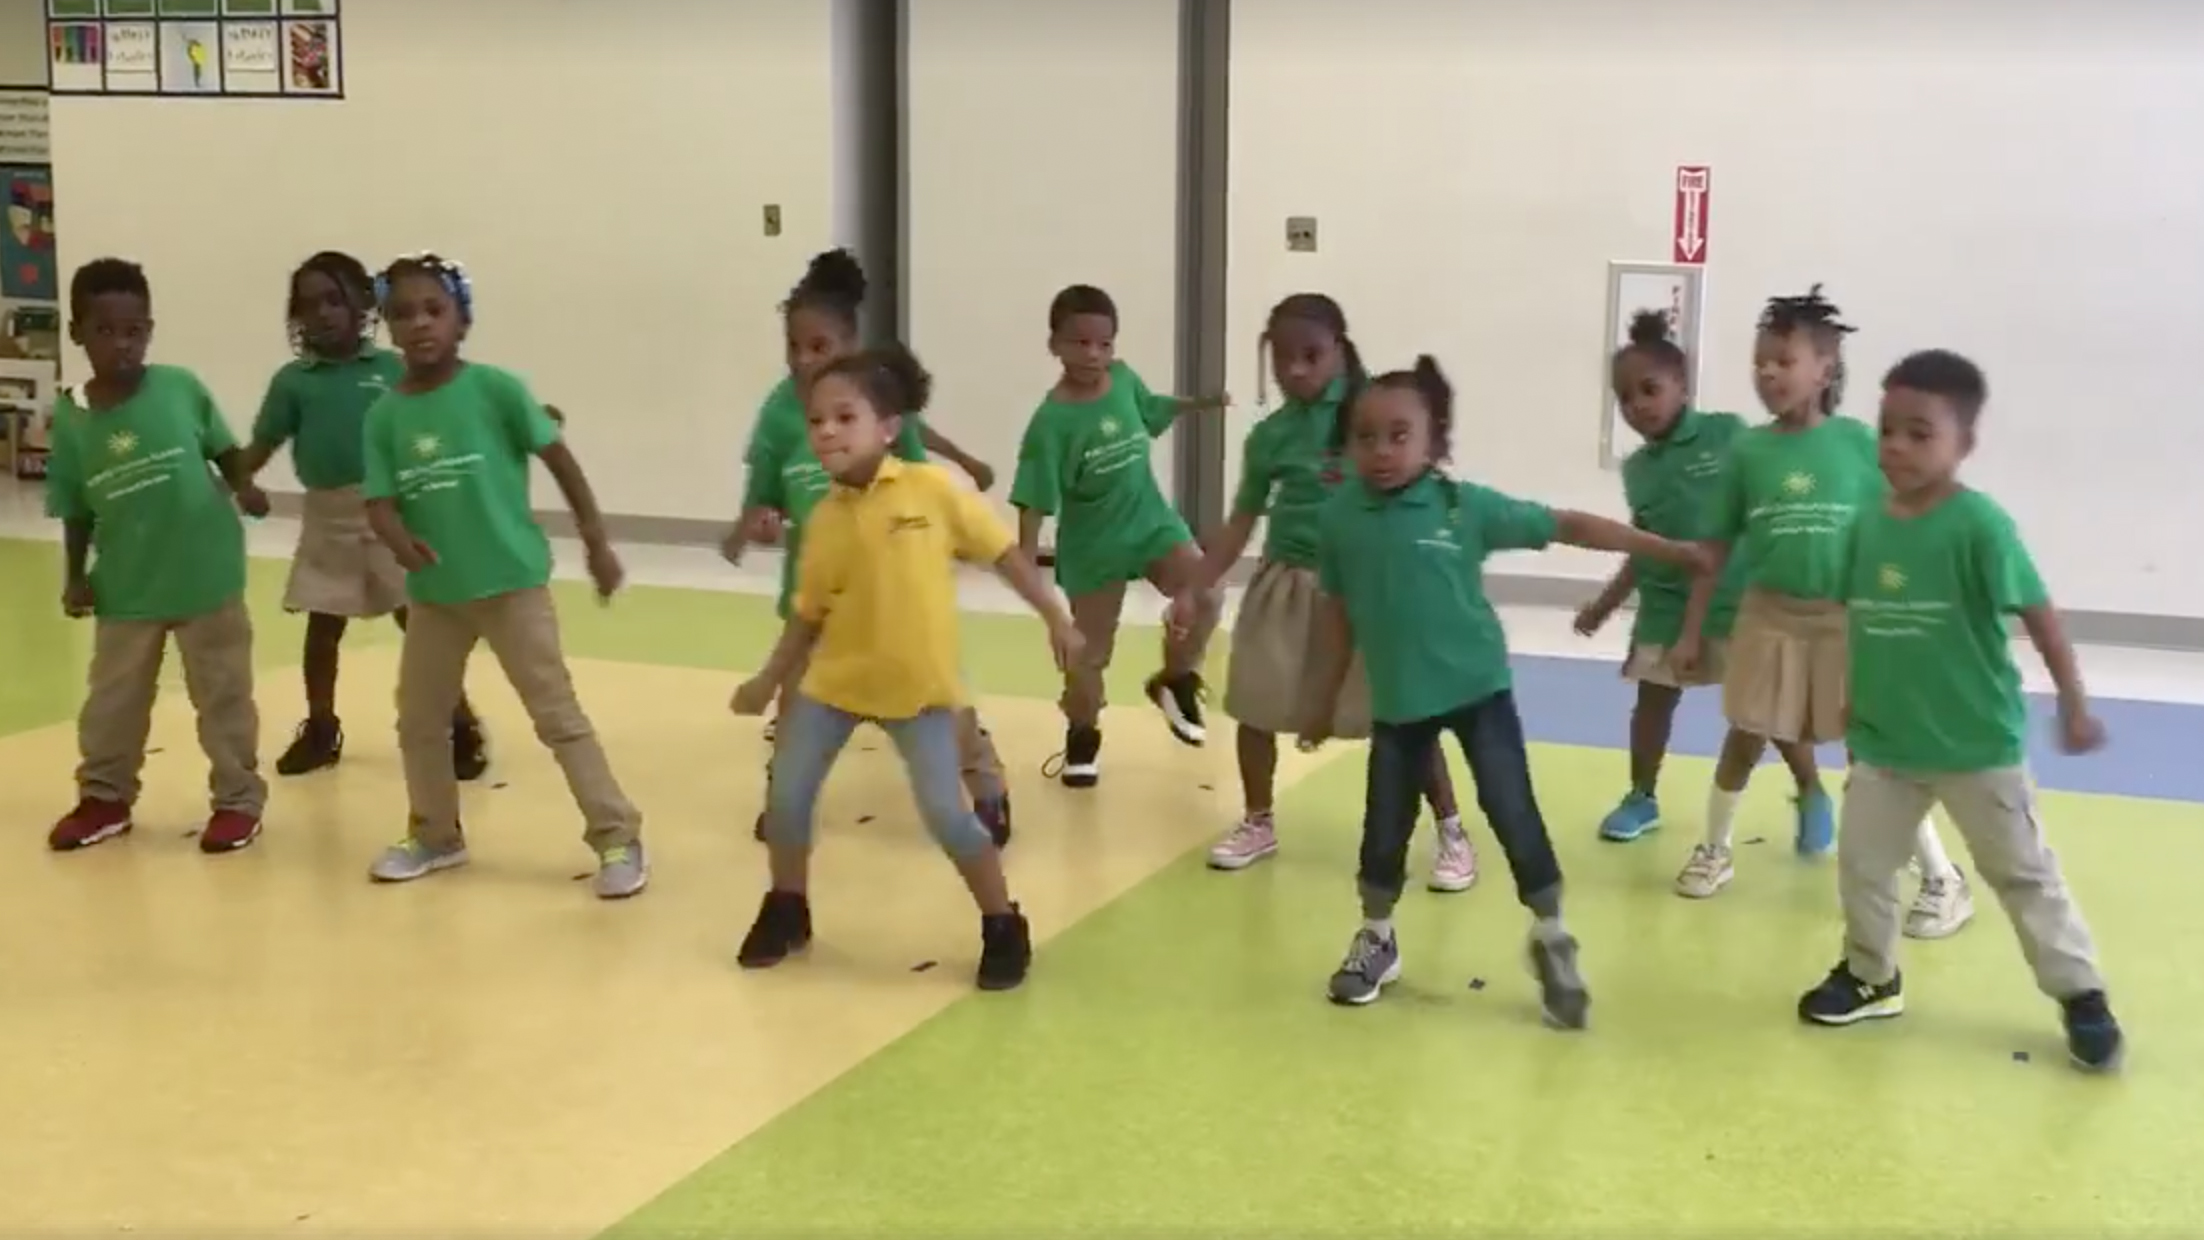 This D.C. teacher puts a fun salsa twist on regular kindergarten curriculum